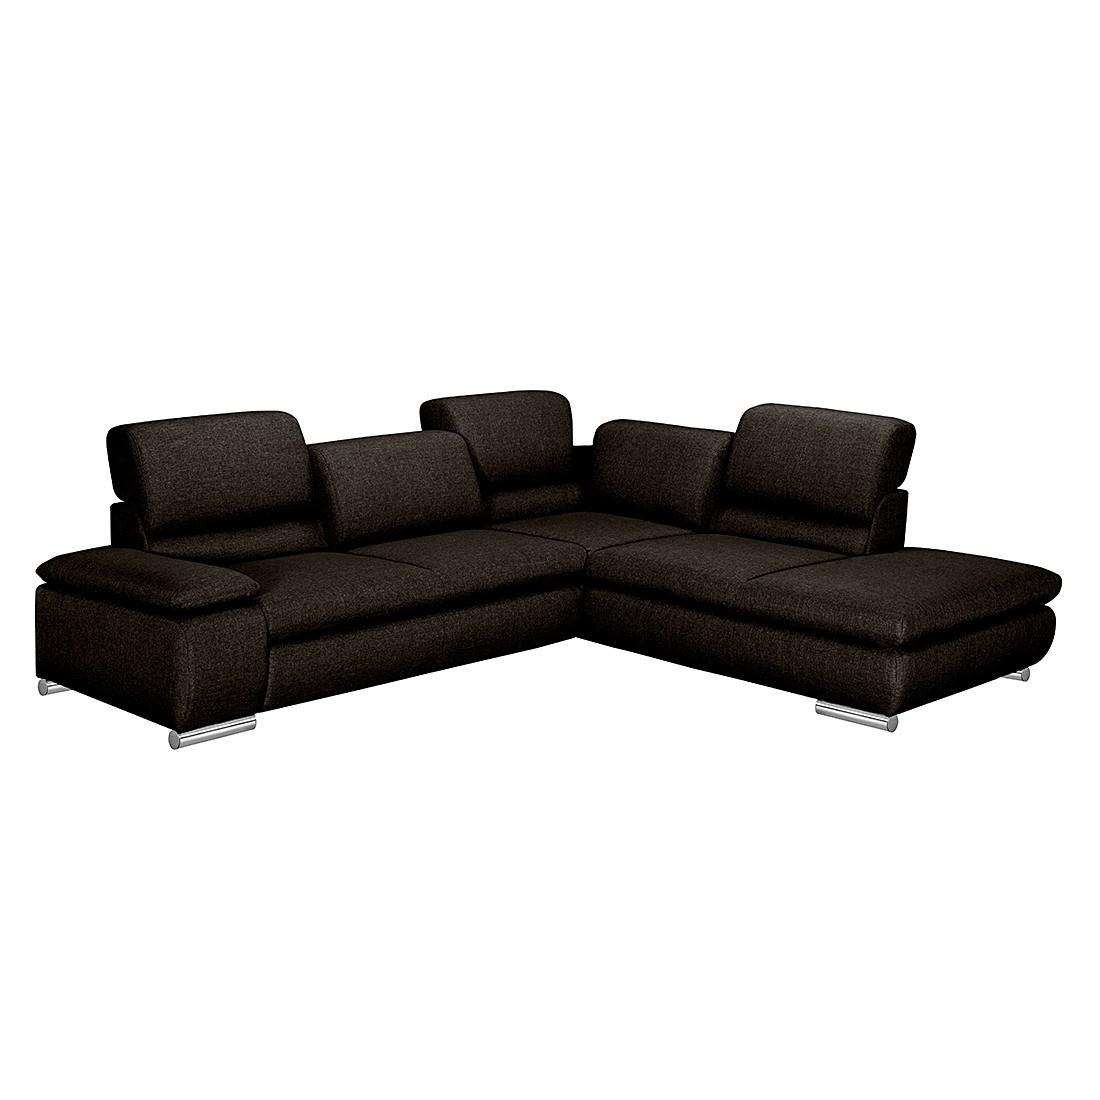 ecksofa masca webstoff braun schwarz ottomane davorstehend rechts mit schlaffunktion. Black Bedroom Furniture Sets. Home Design Ideas